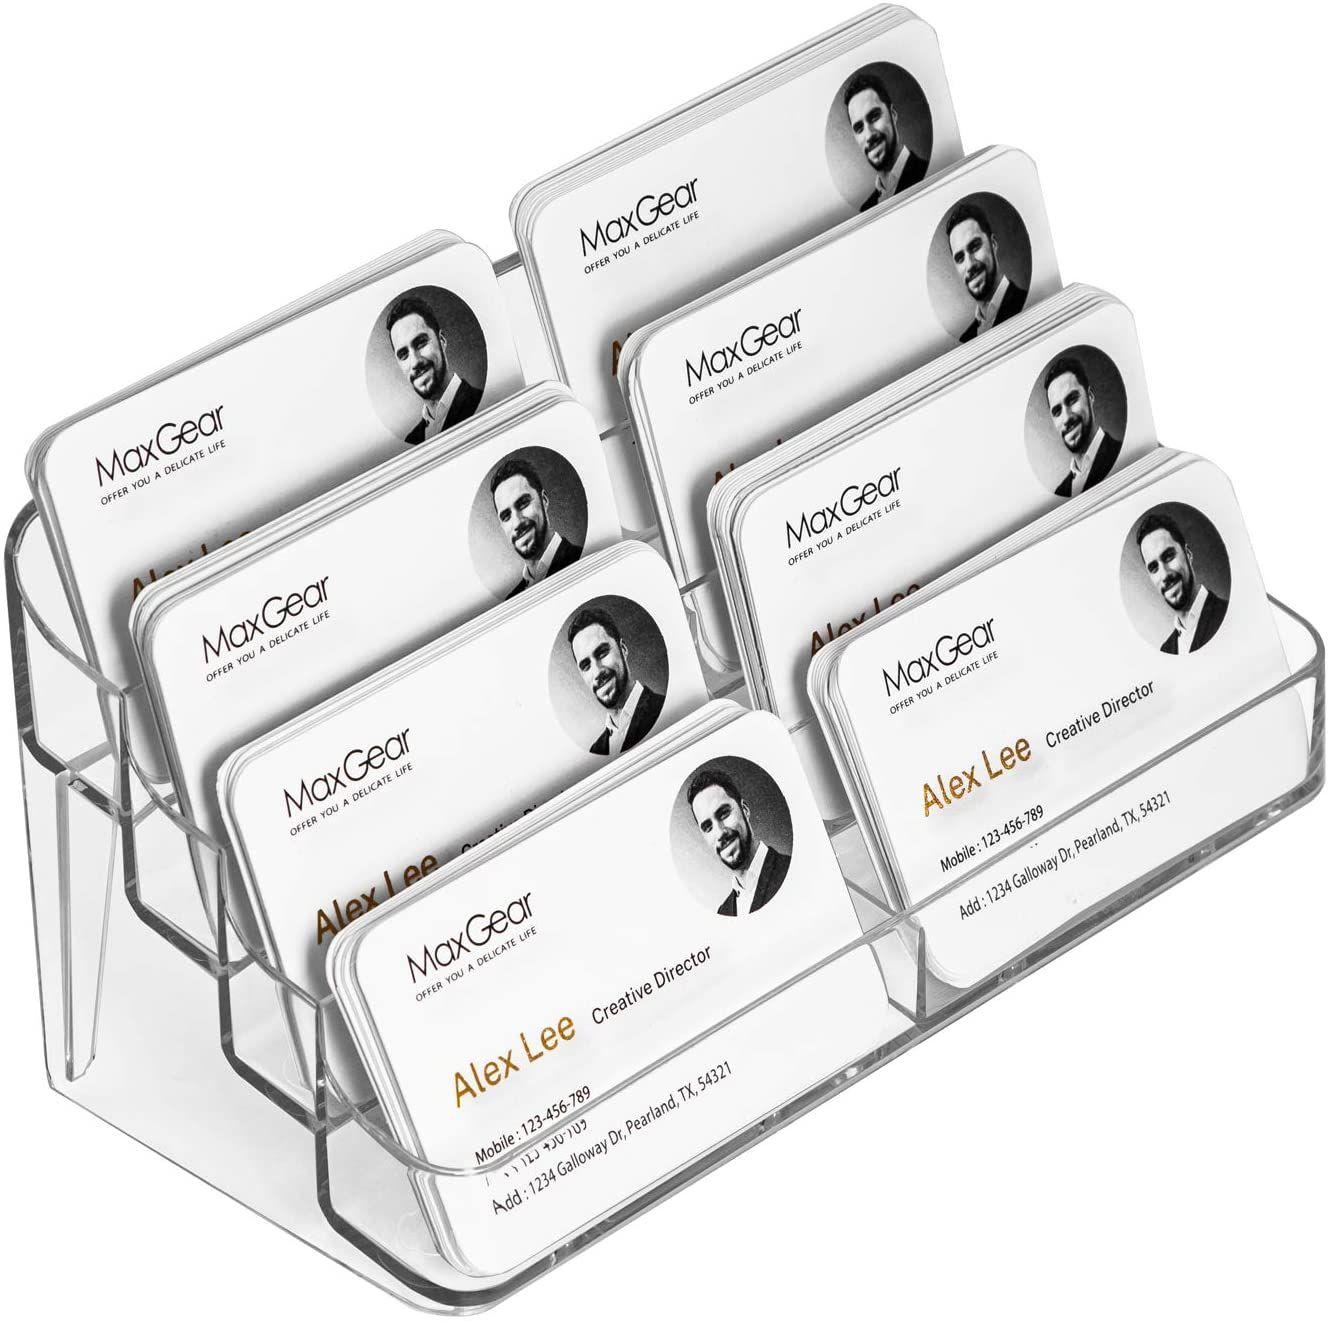 Desk Business Card Holder In 2021 Business Card Holders Cards Card Holder